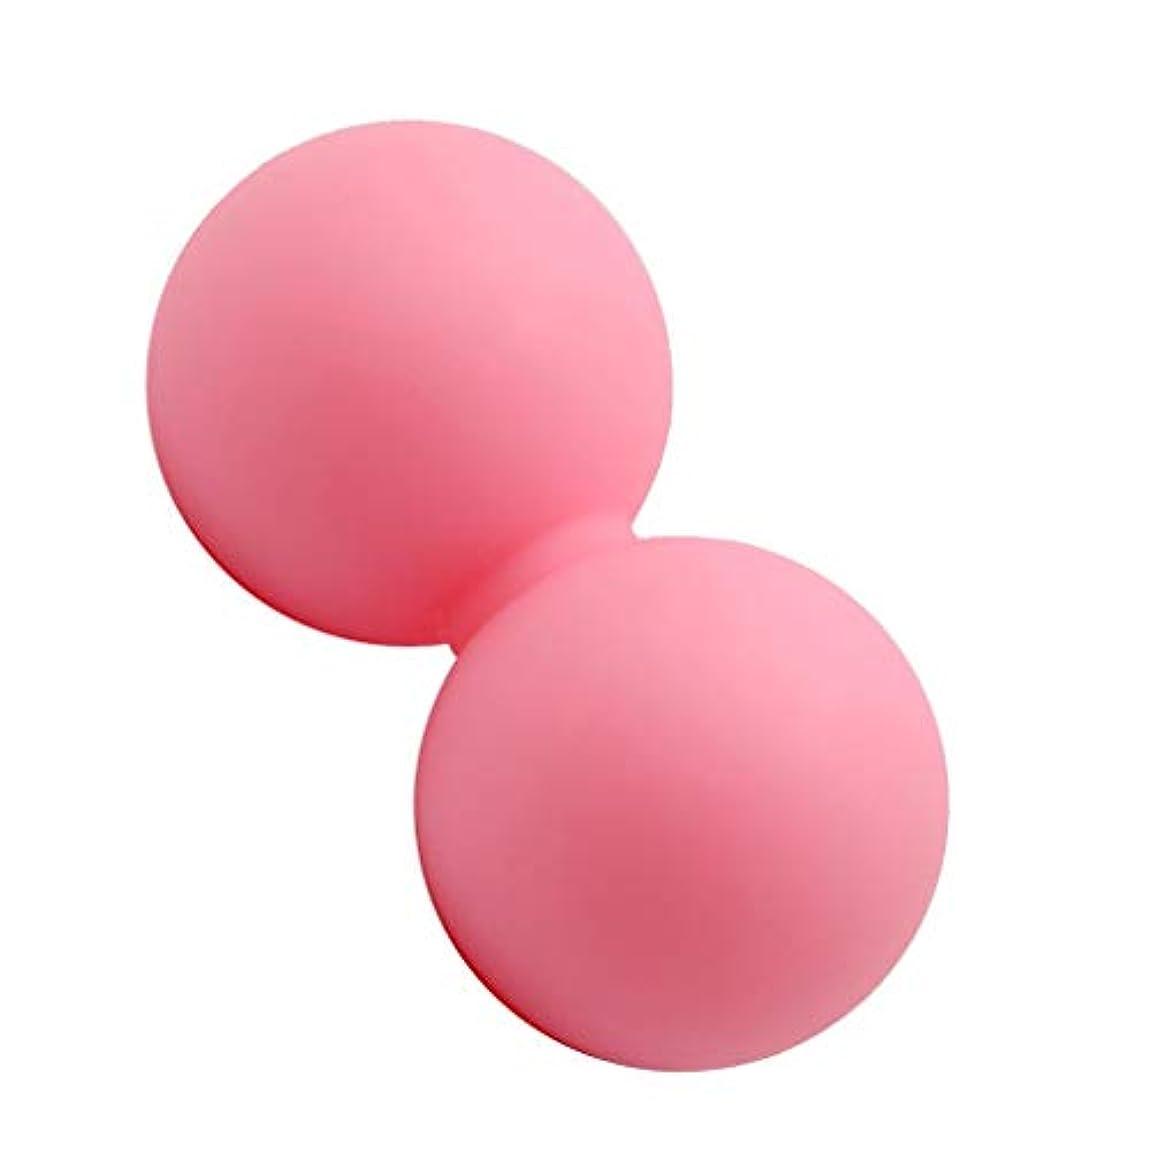 いつでも強化する寄り添うD DOLITY マッサージボール ヨガ 手のひら/足/足首/腕/首/背中用 ピンク